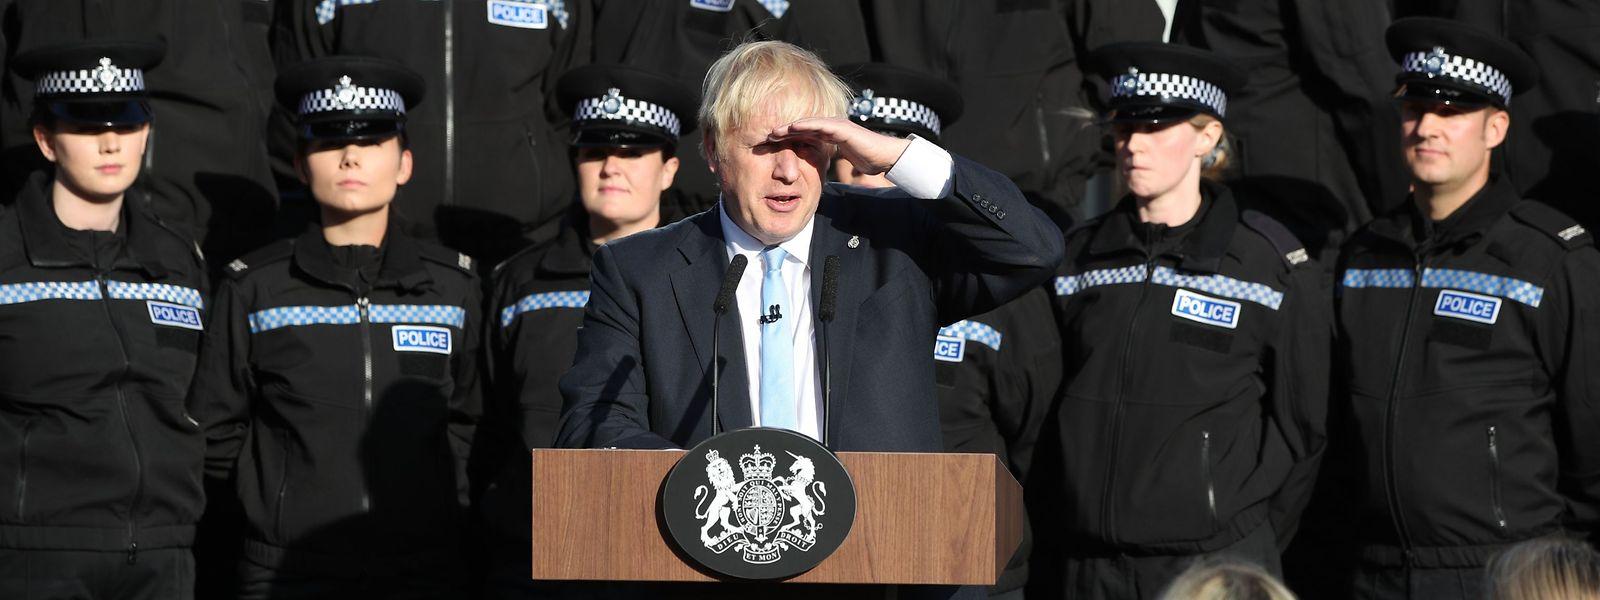 Keine allzu sonnigen Aussichten: Boris Johnson am Donnerstag in einer Polizeischule in West Yorkshire.